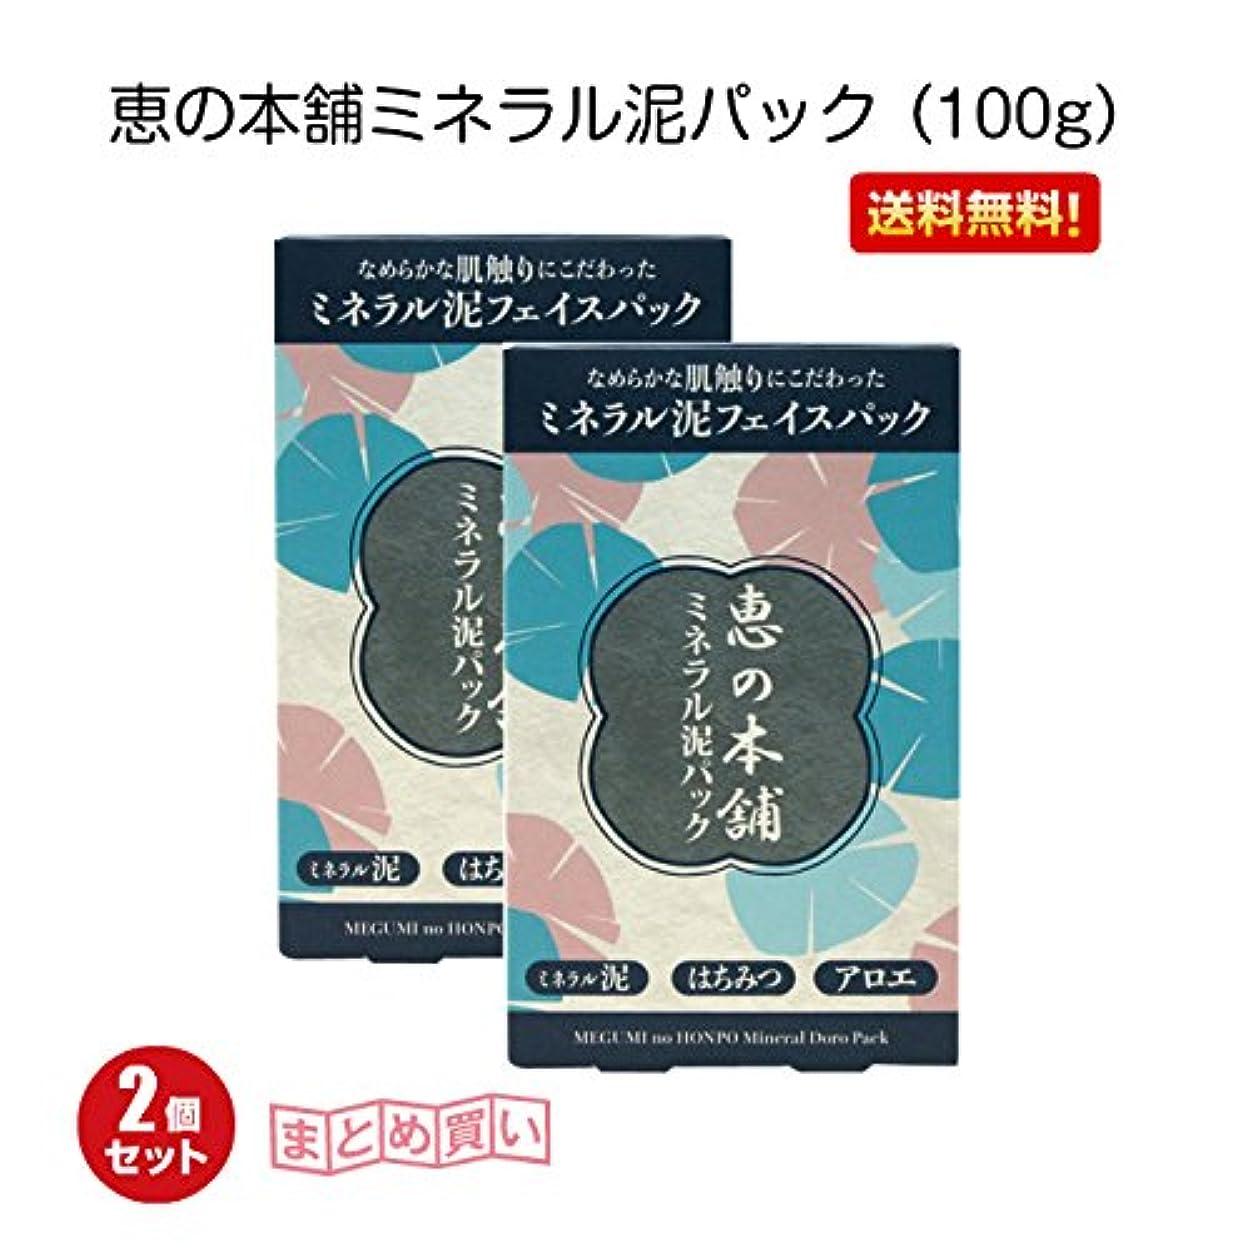 アナニバーマダムぼかし恵の本舗ミネラル泥パック (100g)2個セット